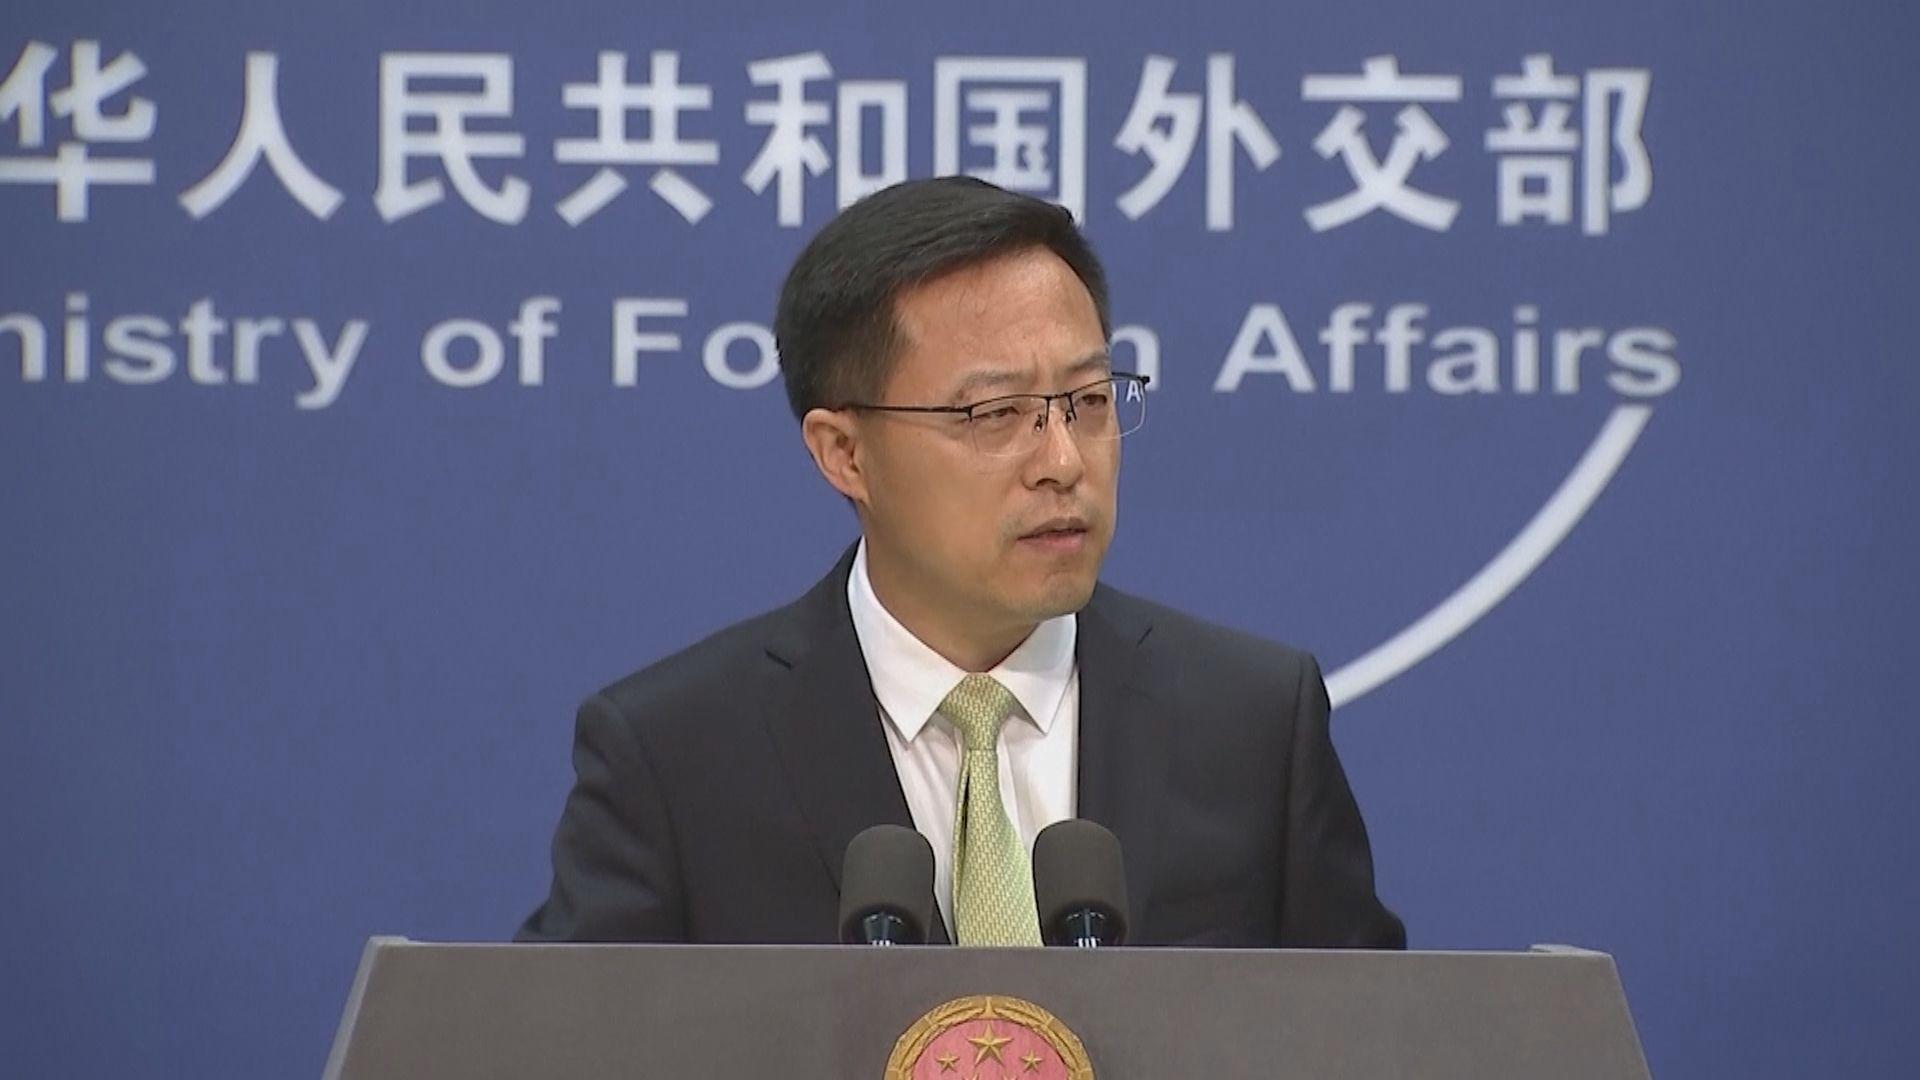 外交部:若中國記者在美獲公平對待 雙方就能好好合作